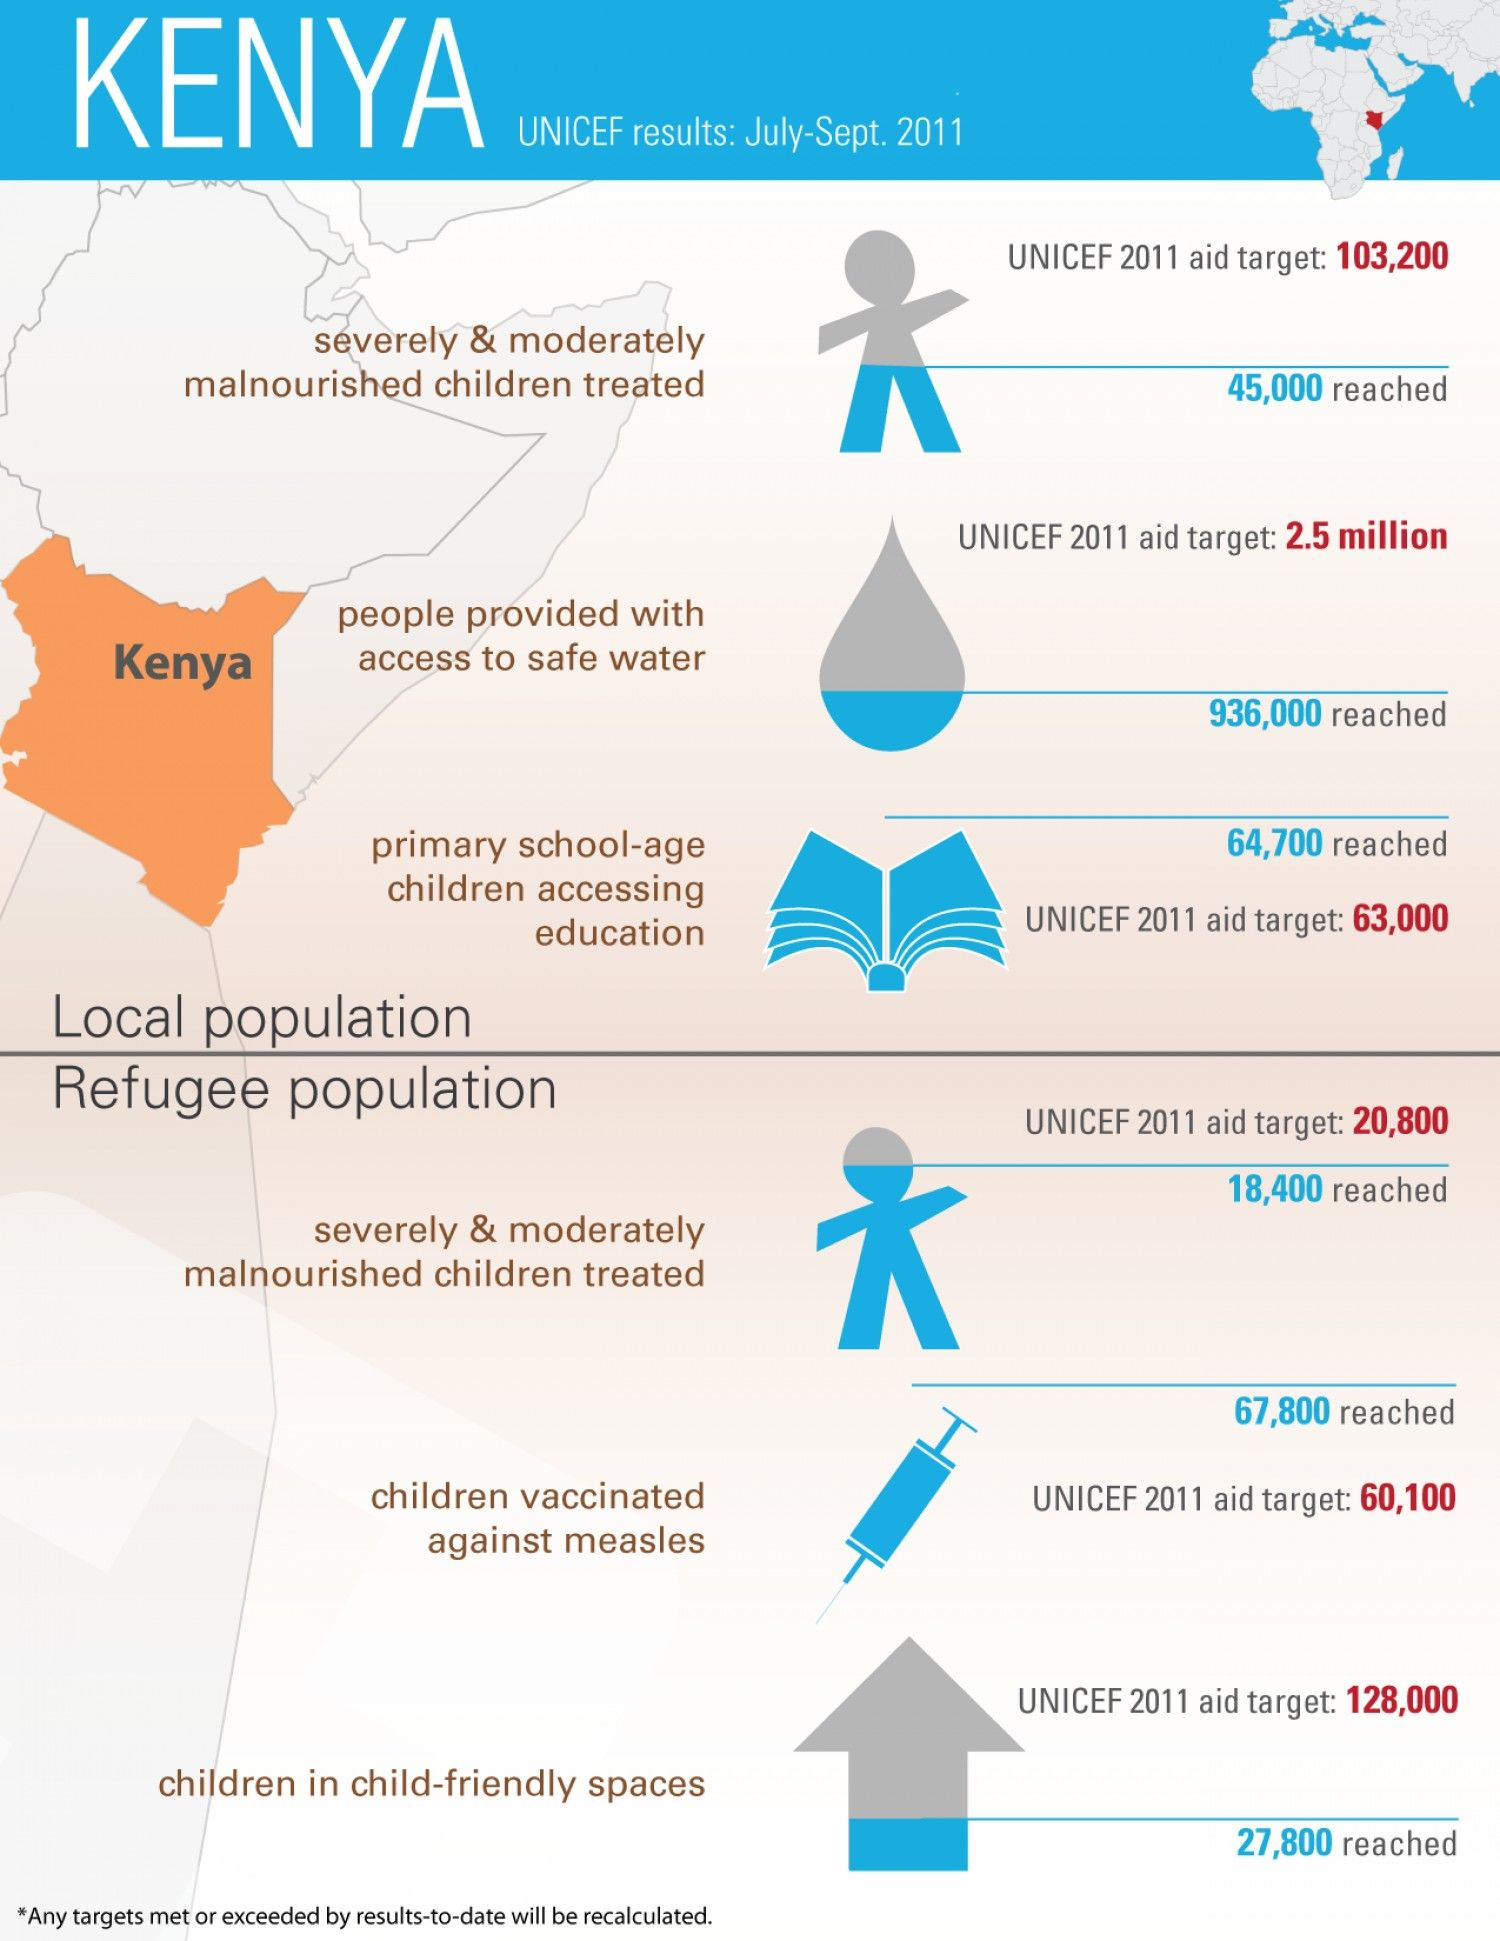 Kenya UNICEF results JulySept 2011 Infographic Unicef